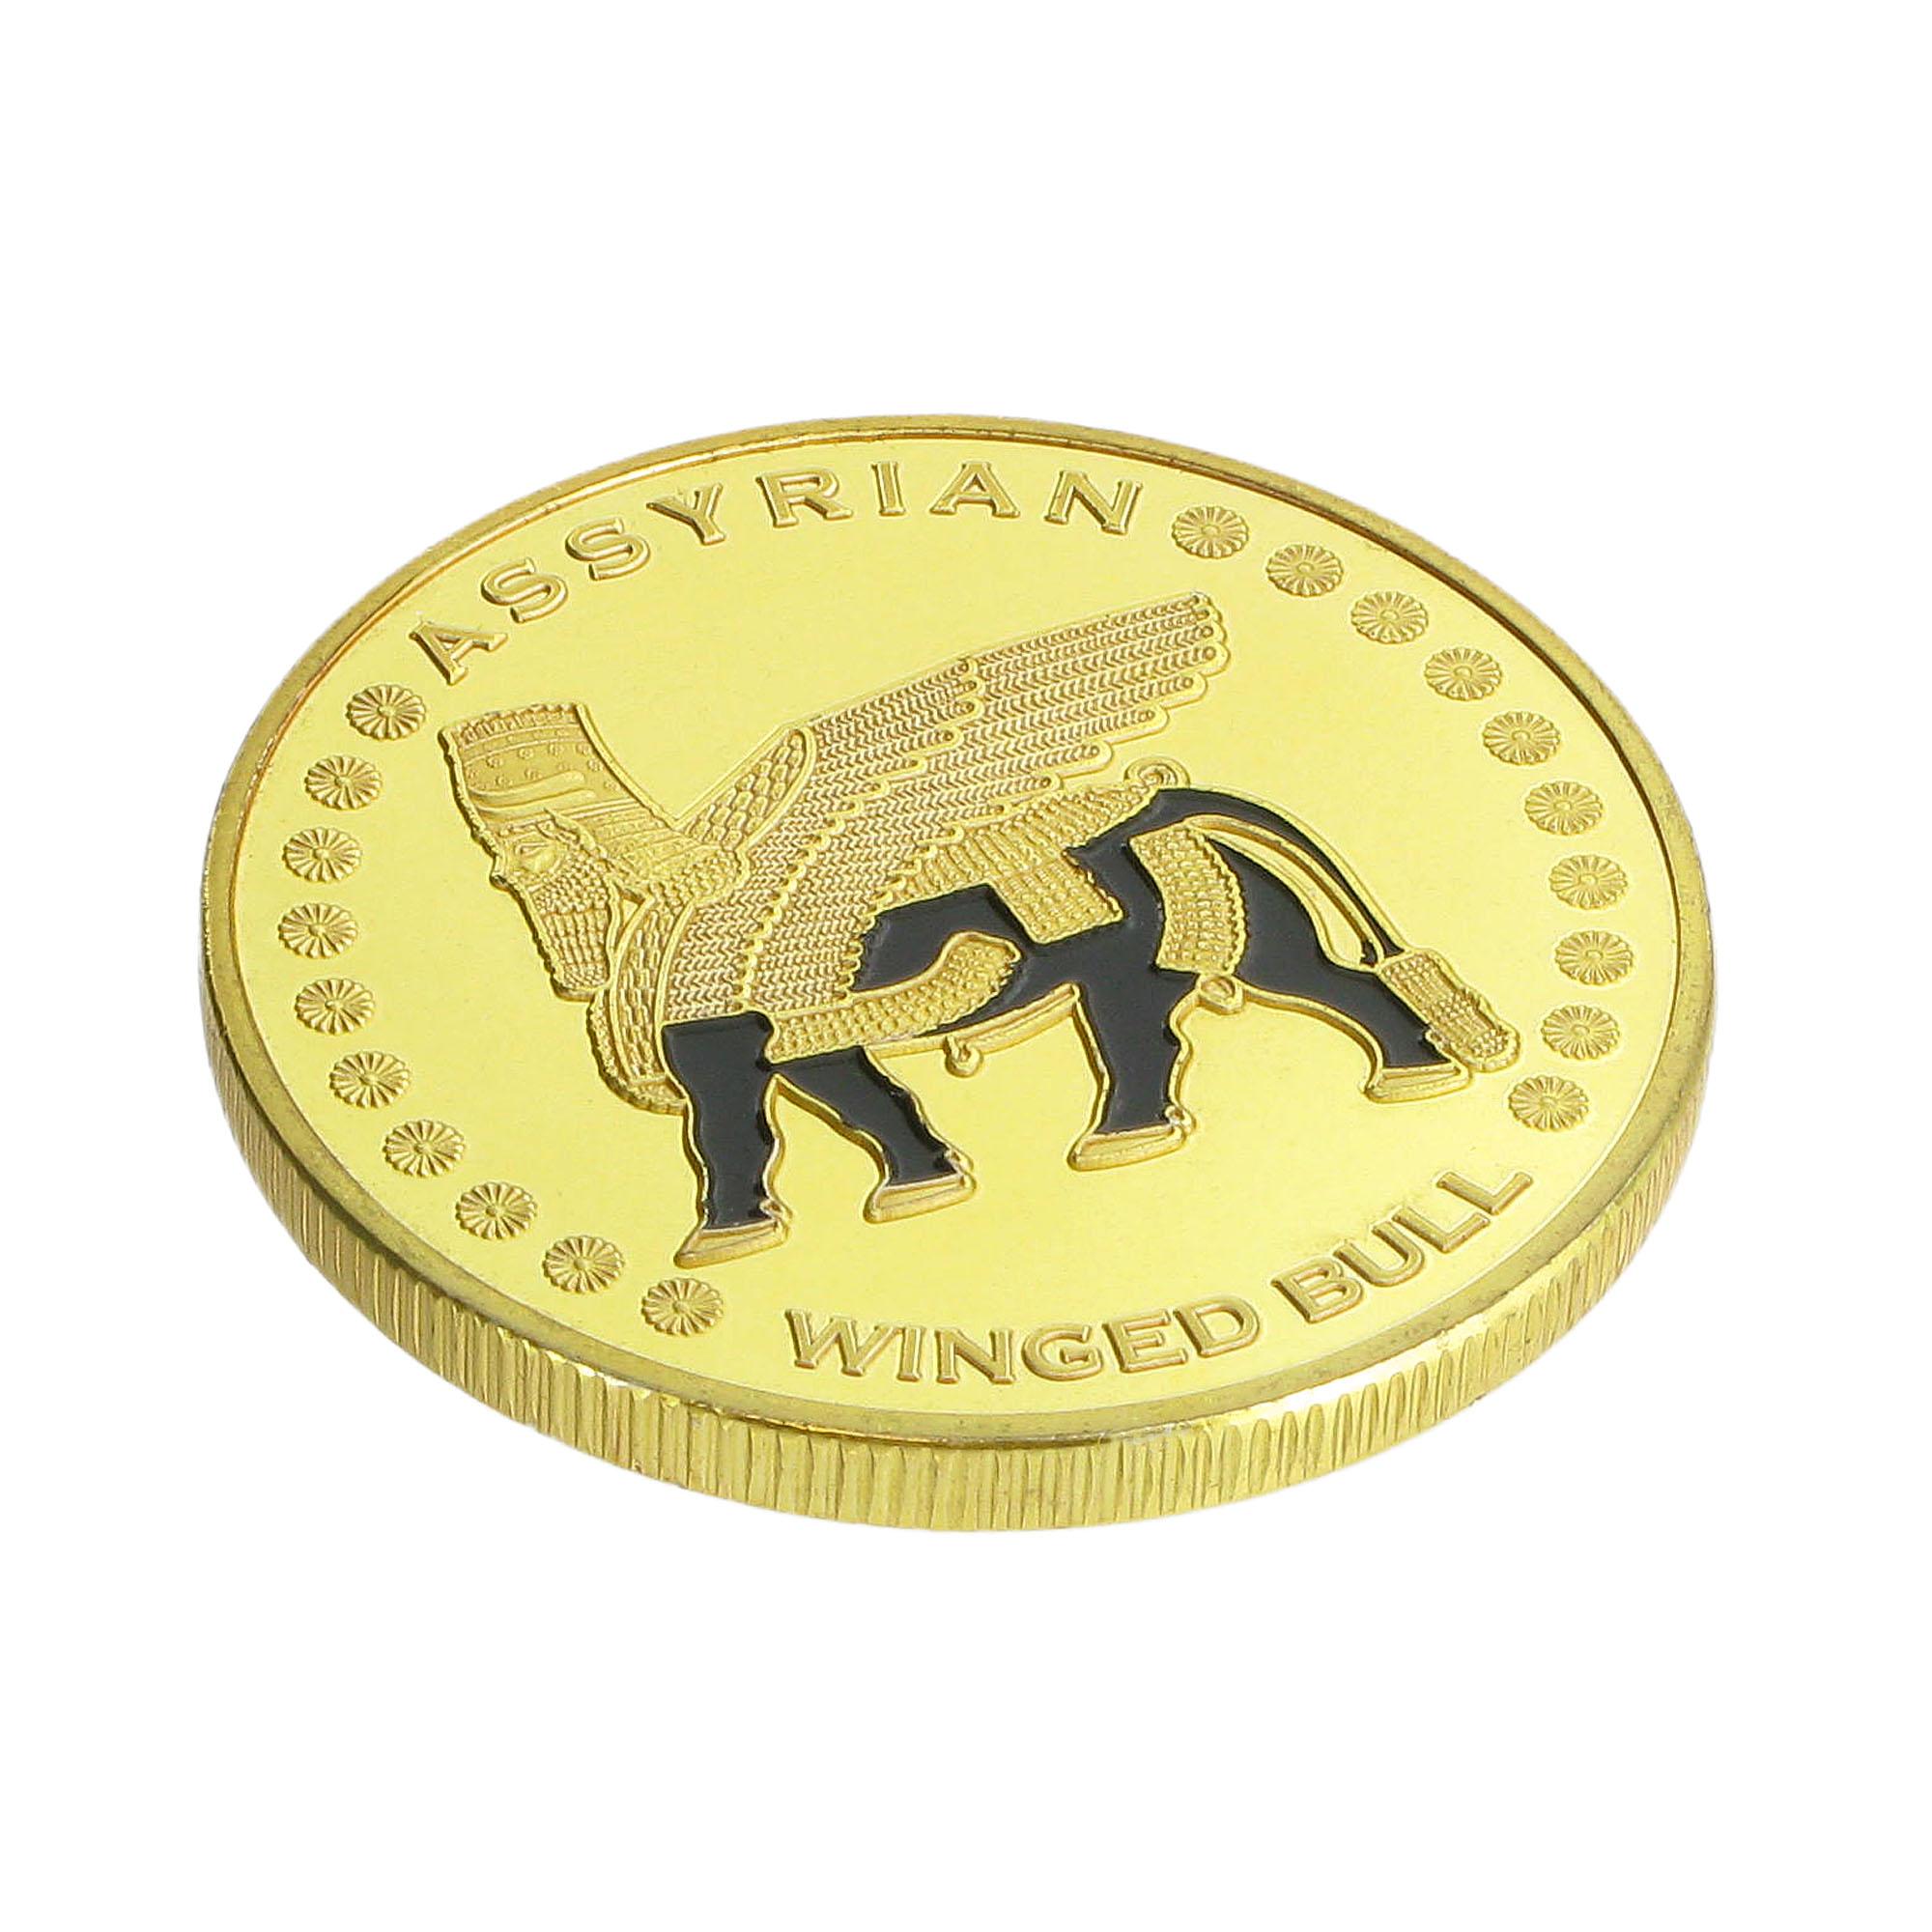 Winged bull souvenir coin